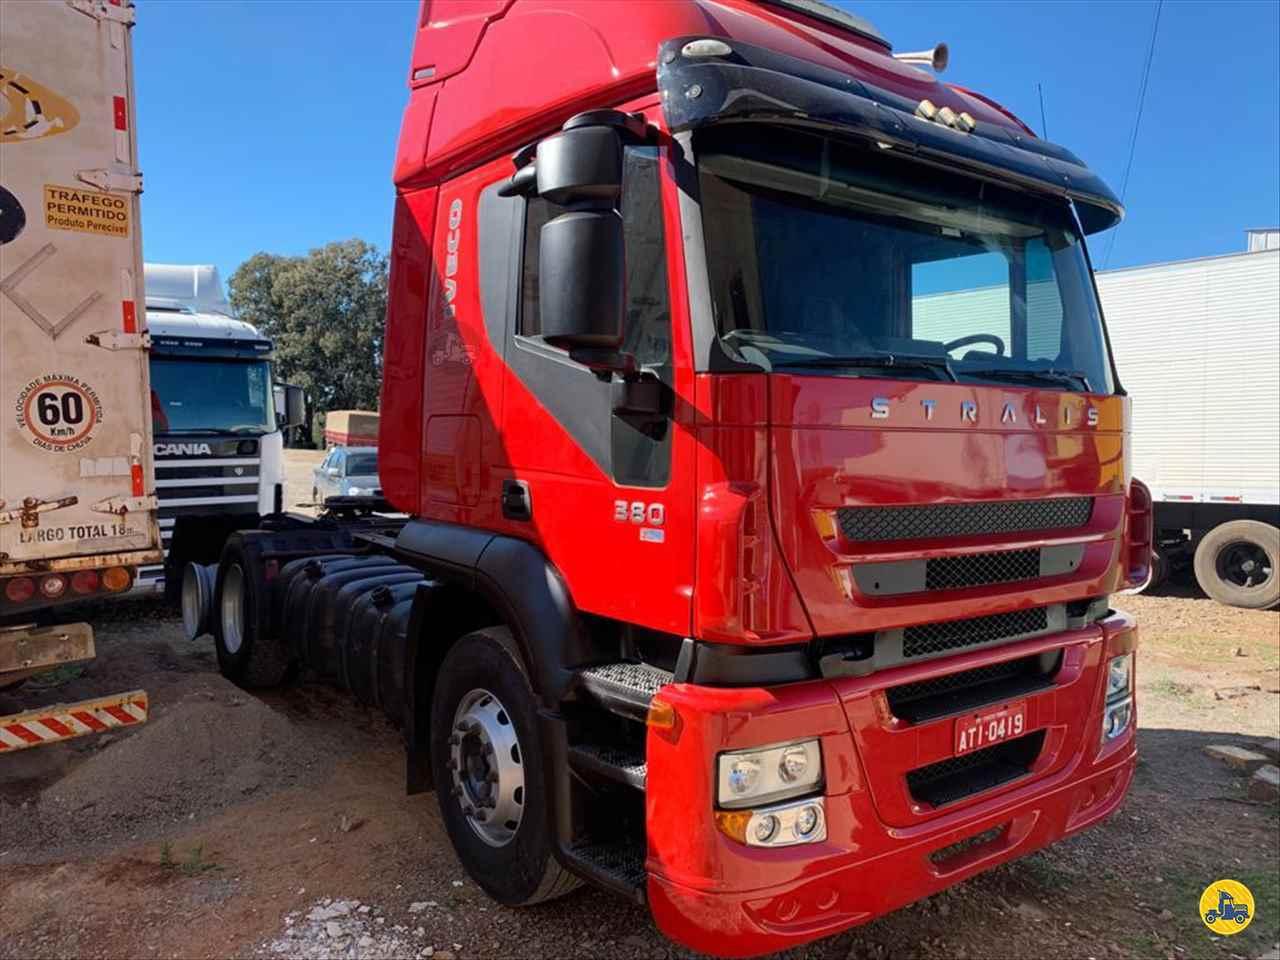 CAMINHAO IVECO STRALIS 380 Cavalo Mecânico Truck 6x2 Zanon Caminhões e Implementos PASSO FUNDO RIO GRANDE DO SUL RS